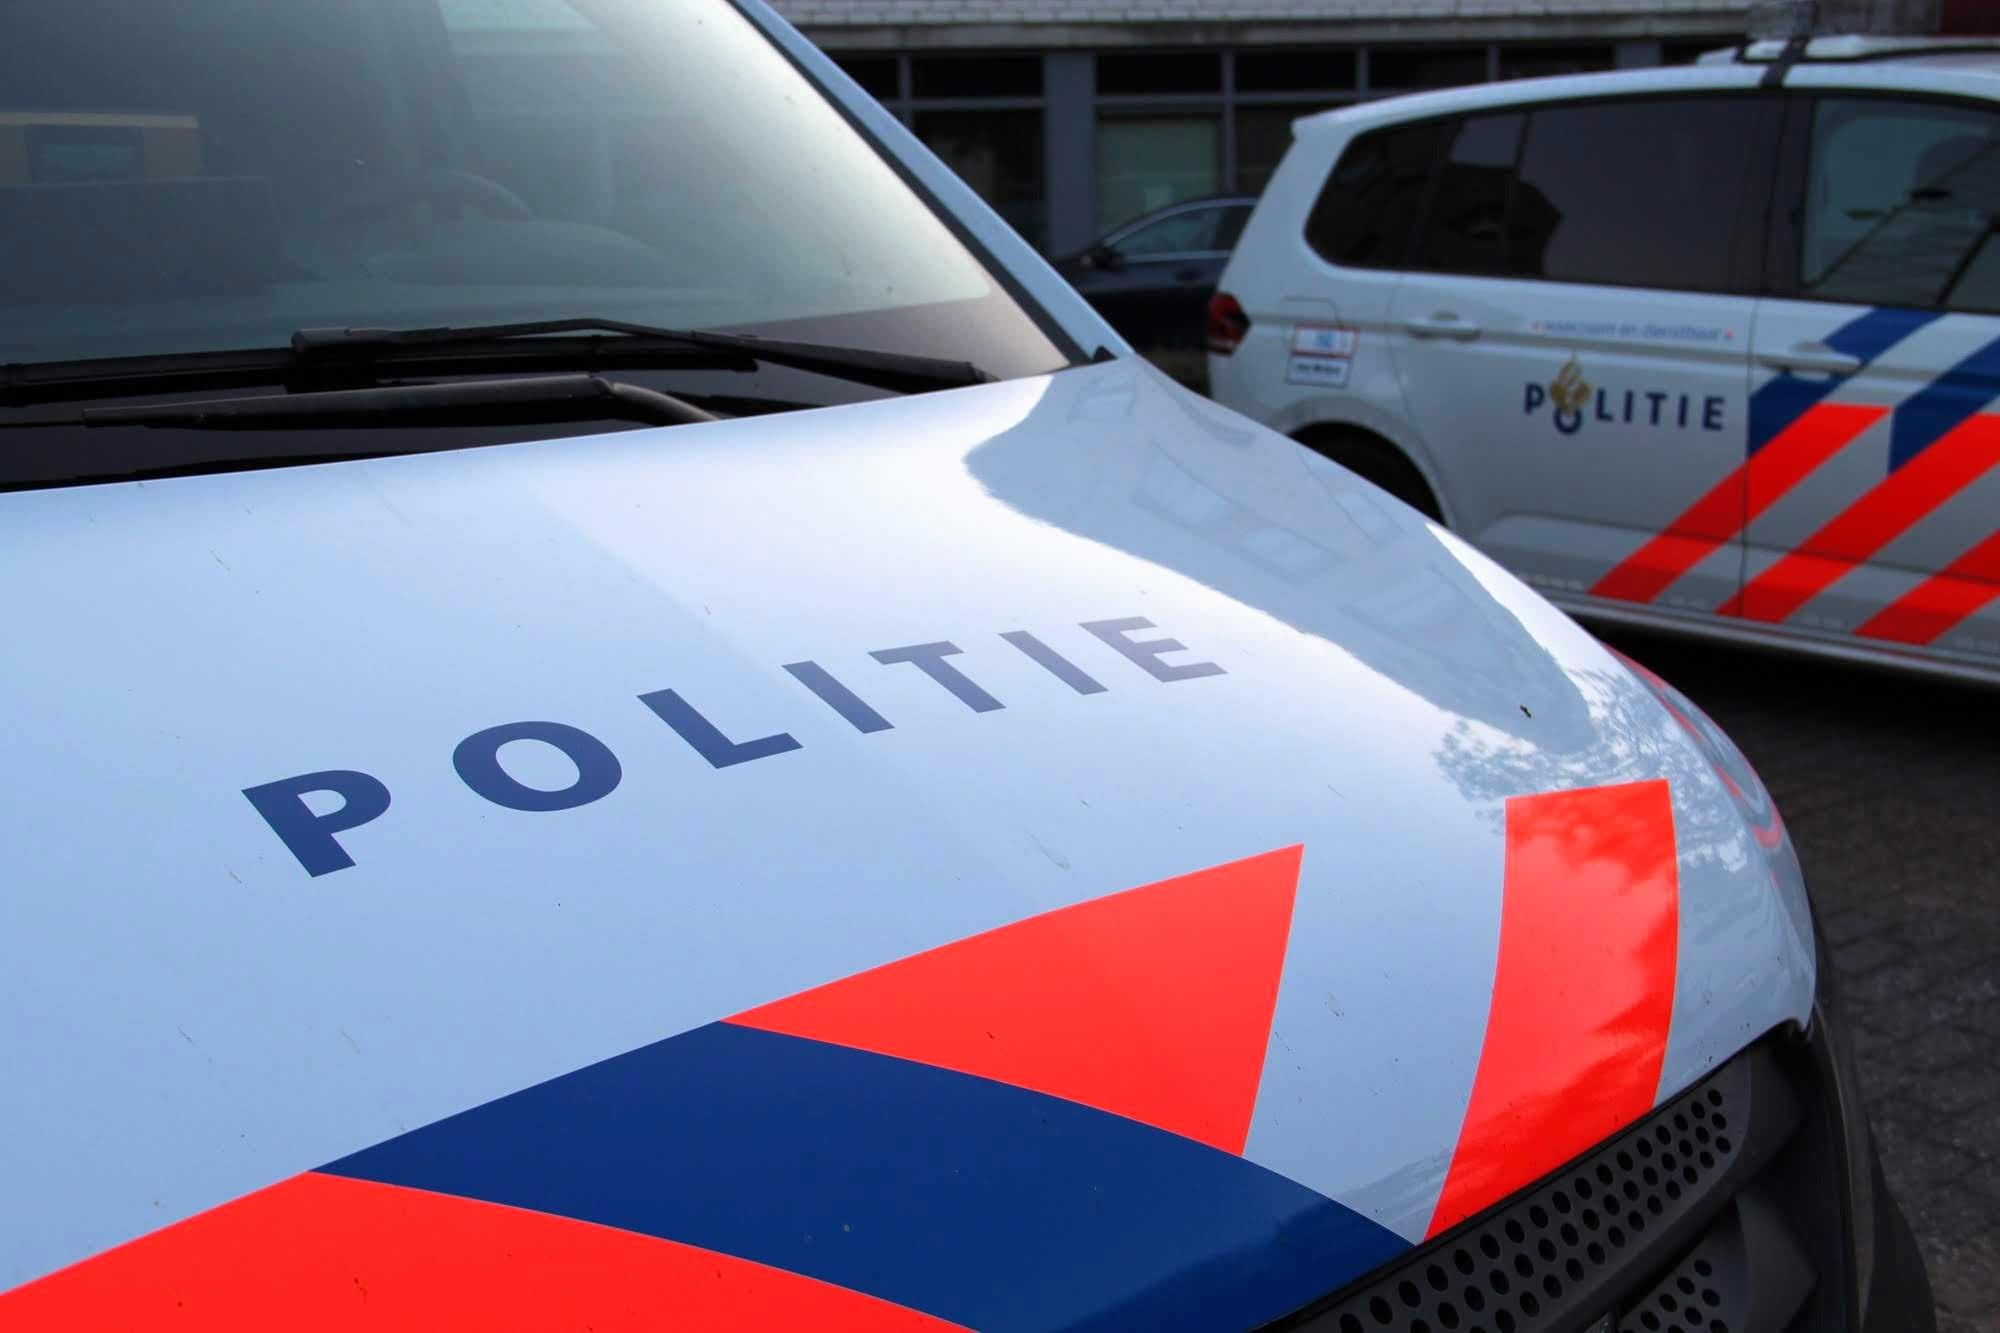 weekend politie bergen op zoom politieauto wagen